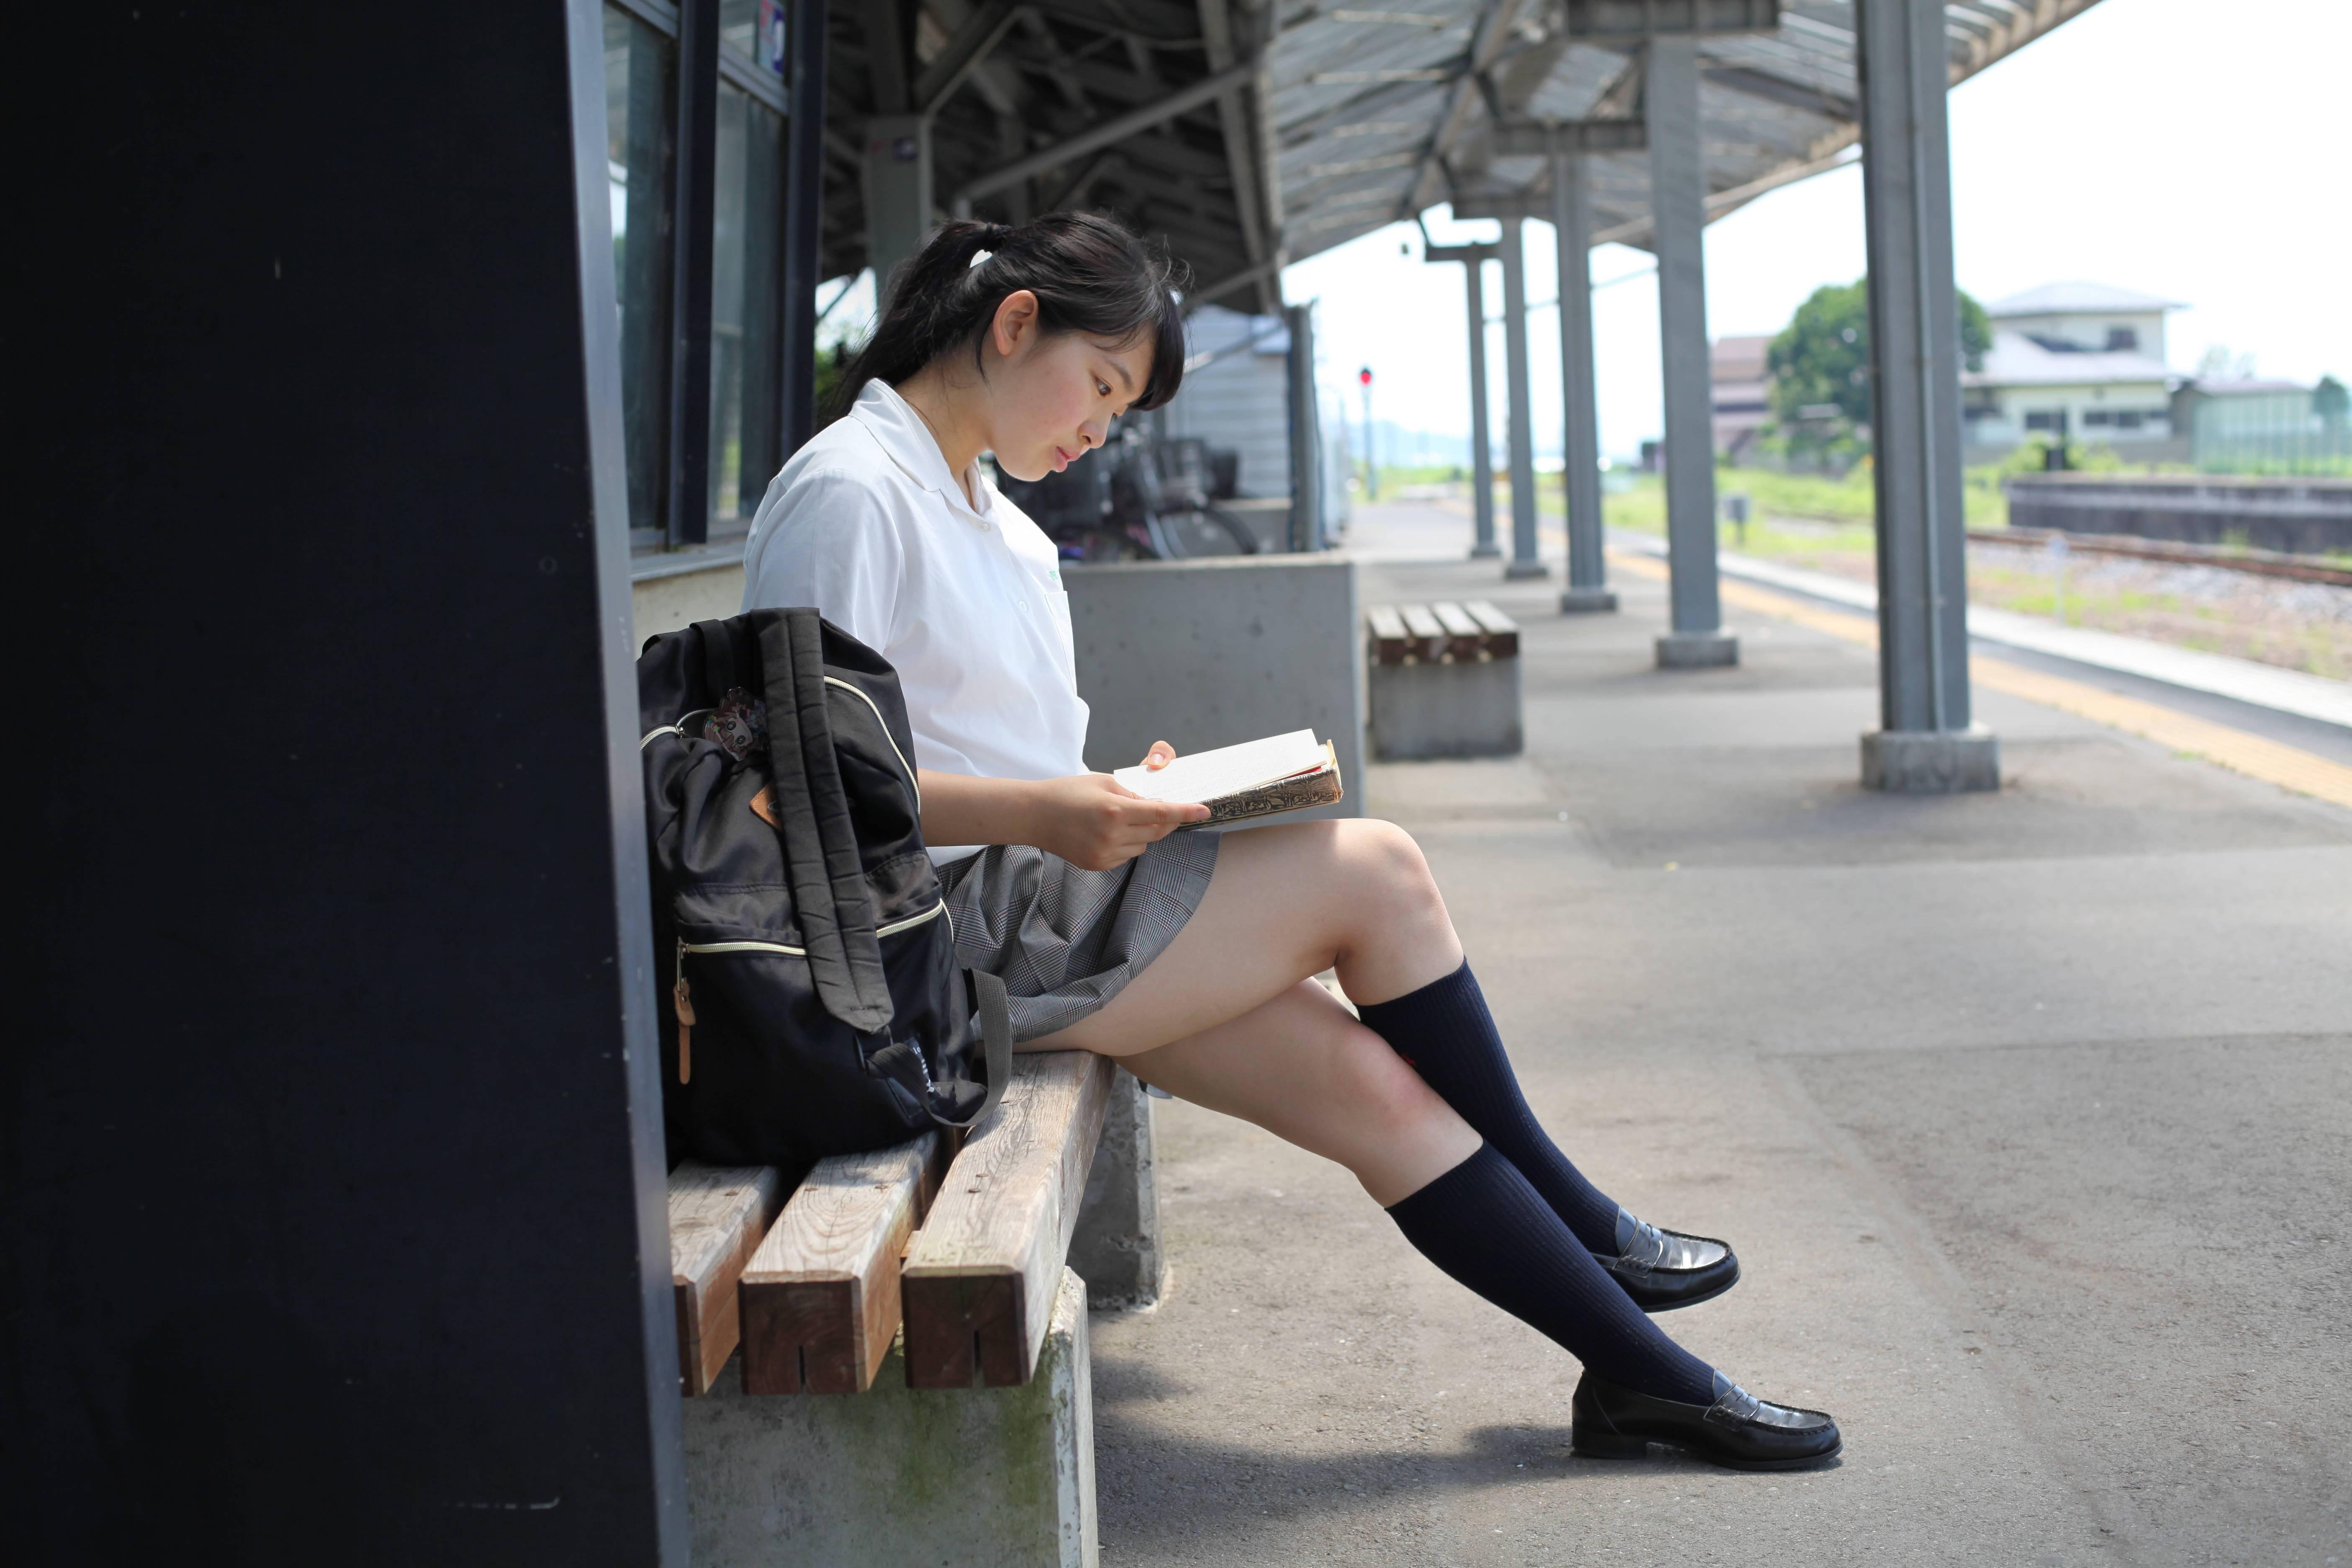 かぶり付きたいミニスカ女子高生の太もも画像wwwwwwwwww YjZmCBr